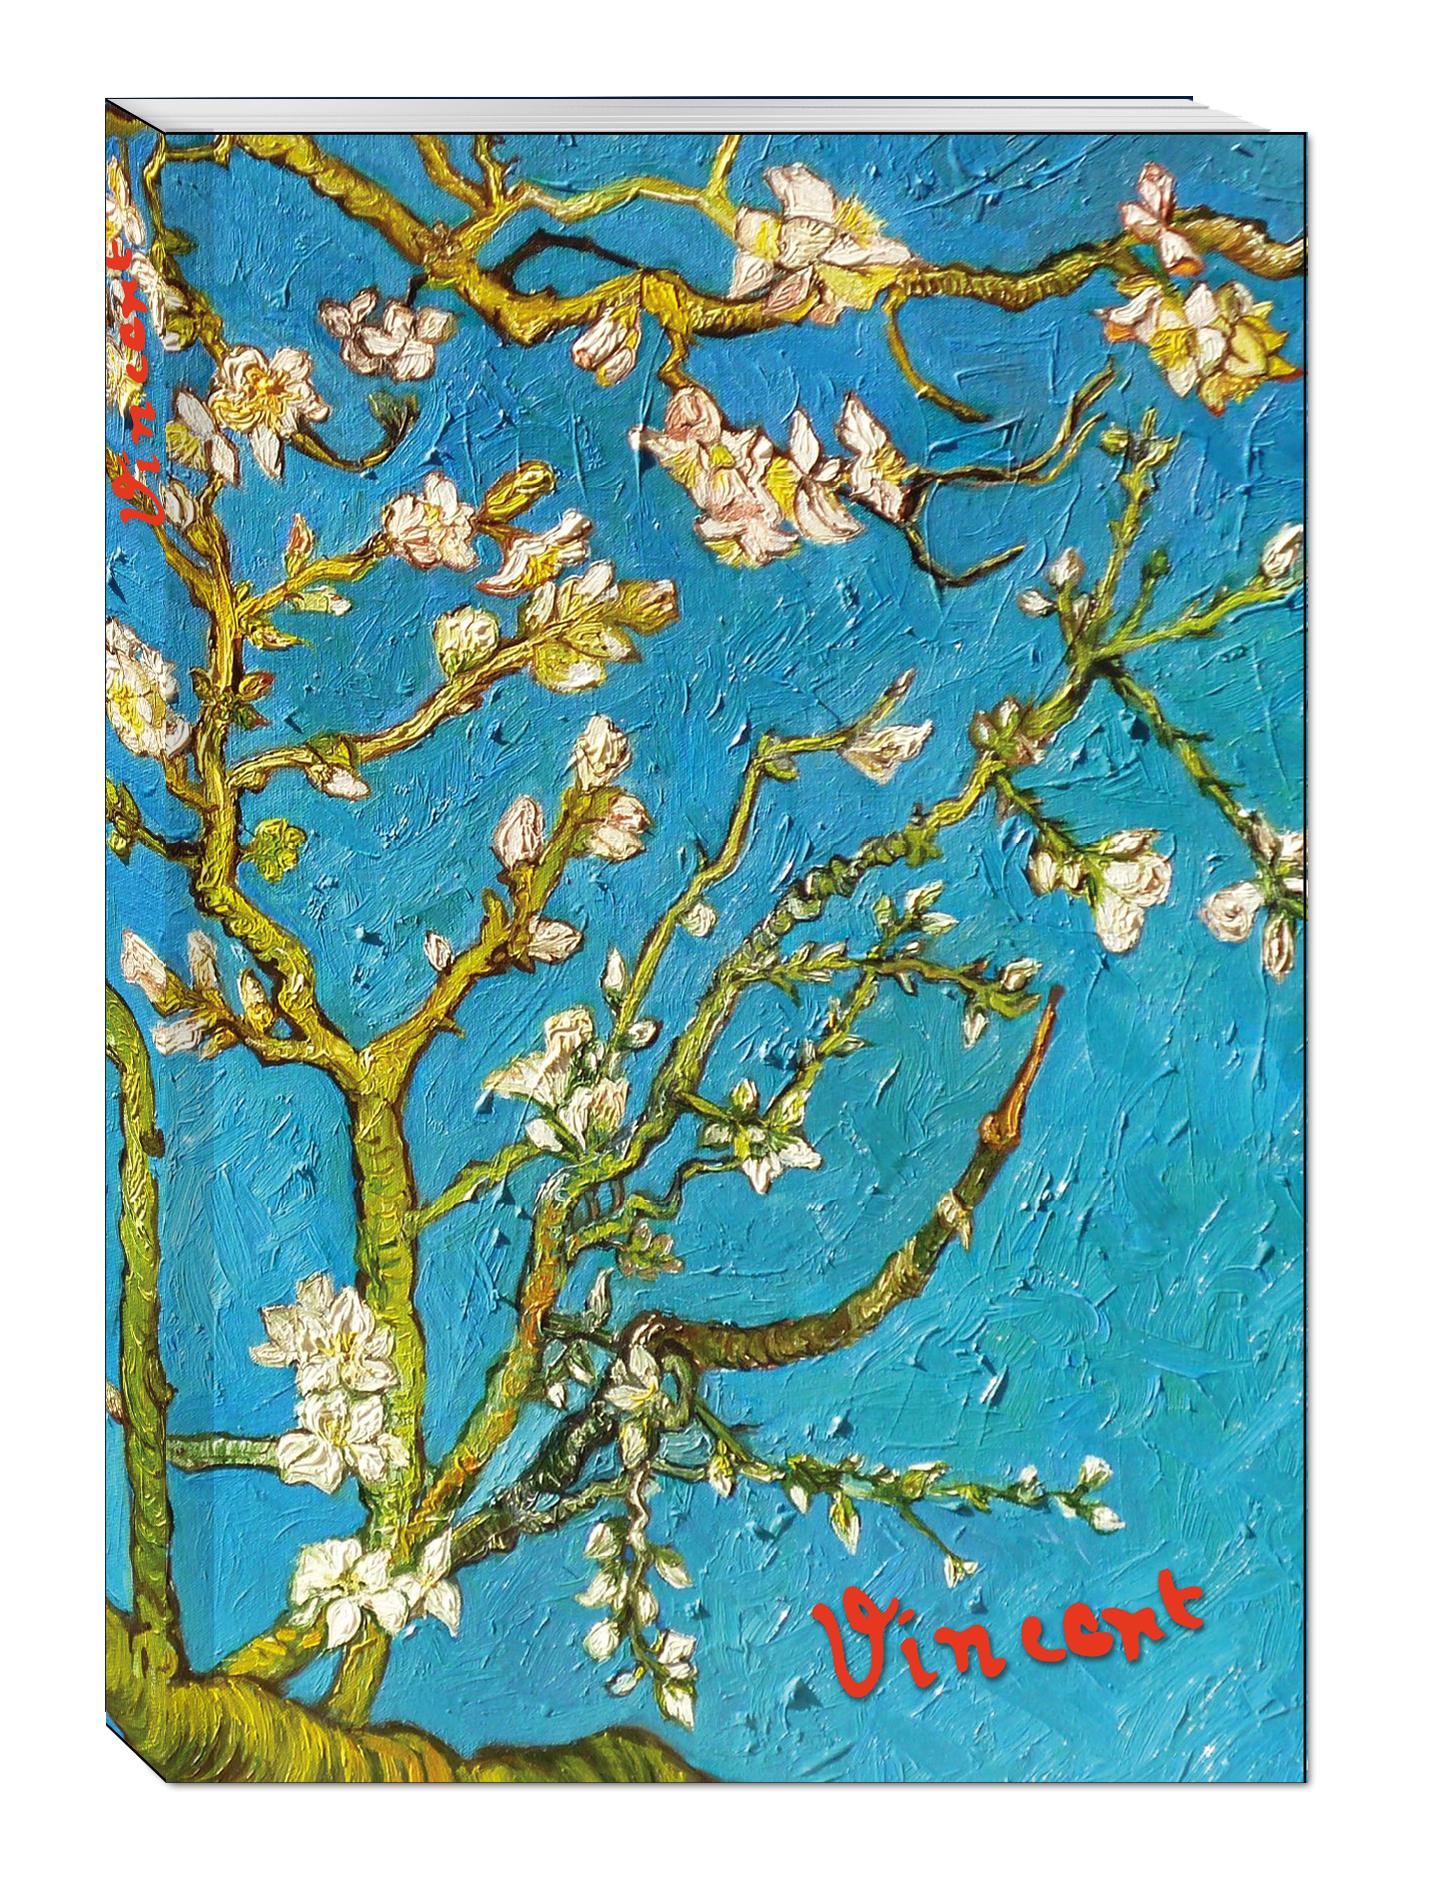 Блокнот в пластиковой обложке. Ван Гог. Цветущие ветки миндаля (формат А5, 160 стр.) (Арте) блокнот в пластиковой обложке ван гог цветущие ветки миндаля формат малый 64 страницы арте